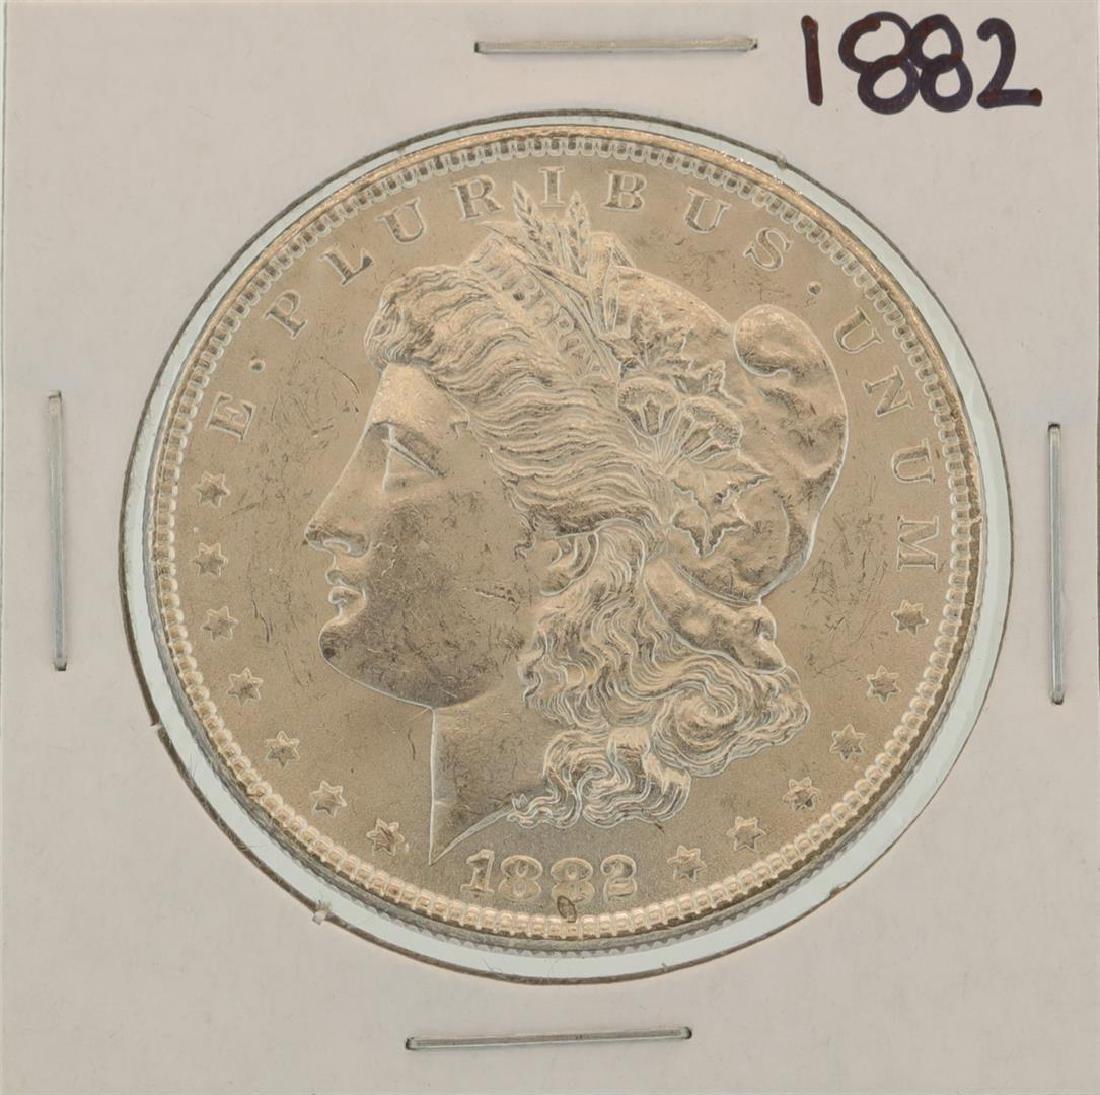 1882 $1 Morgan Silver Dollar Coin